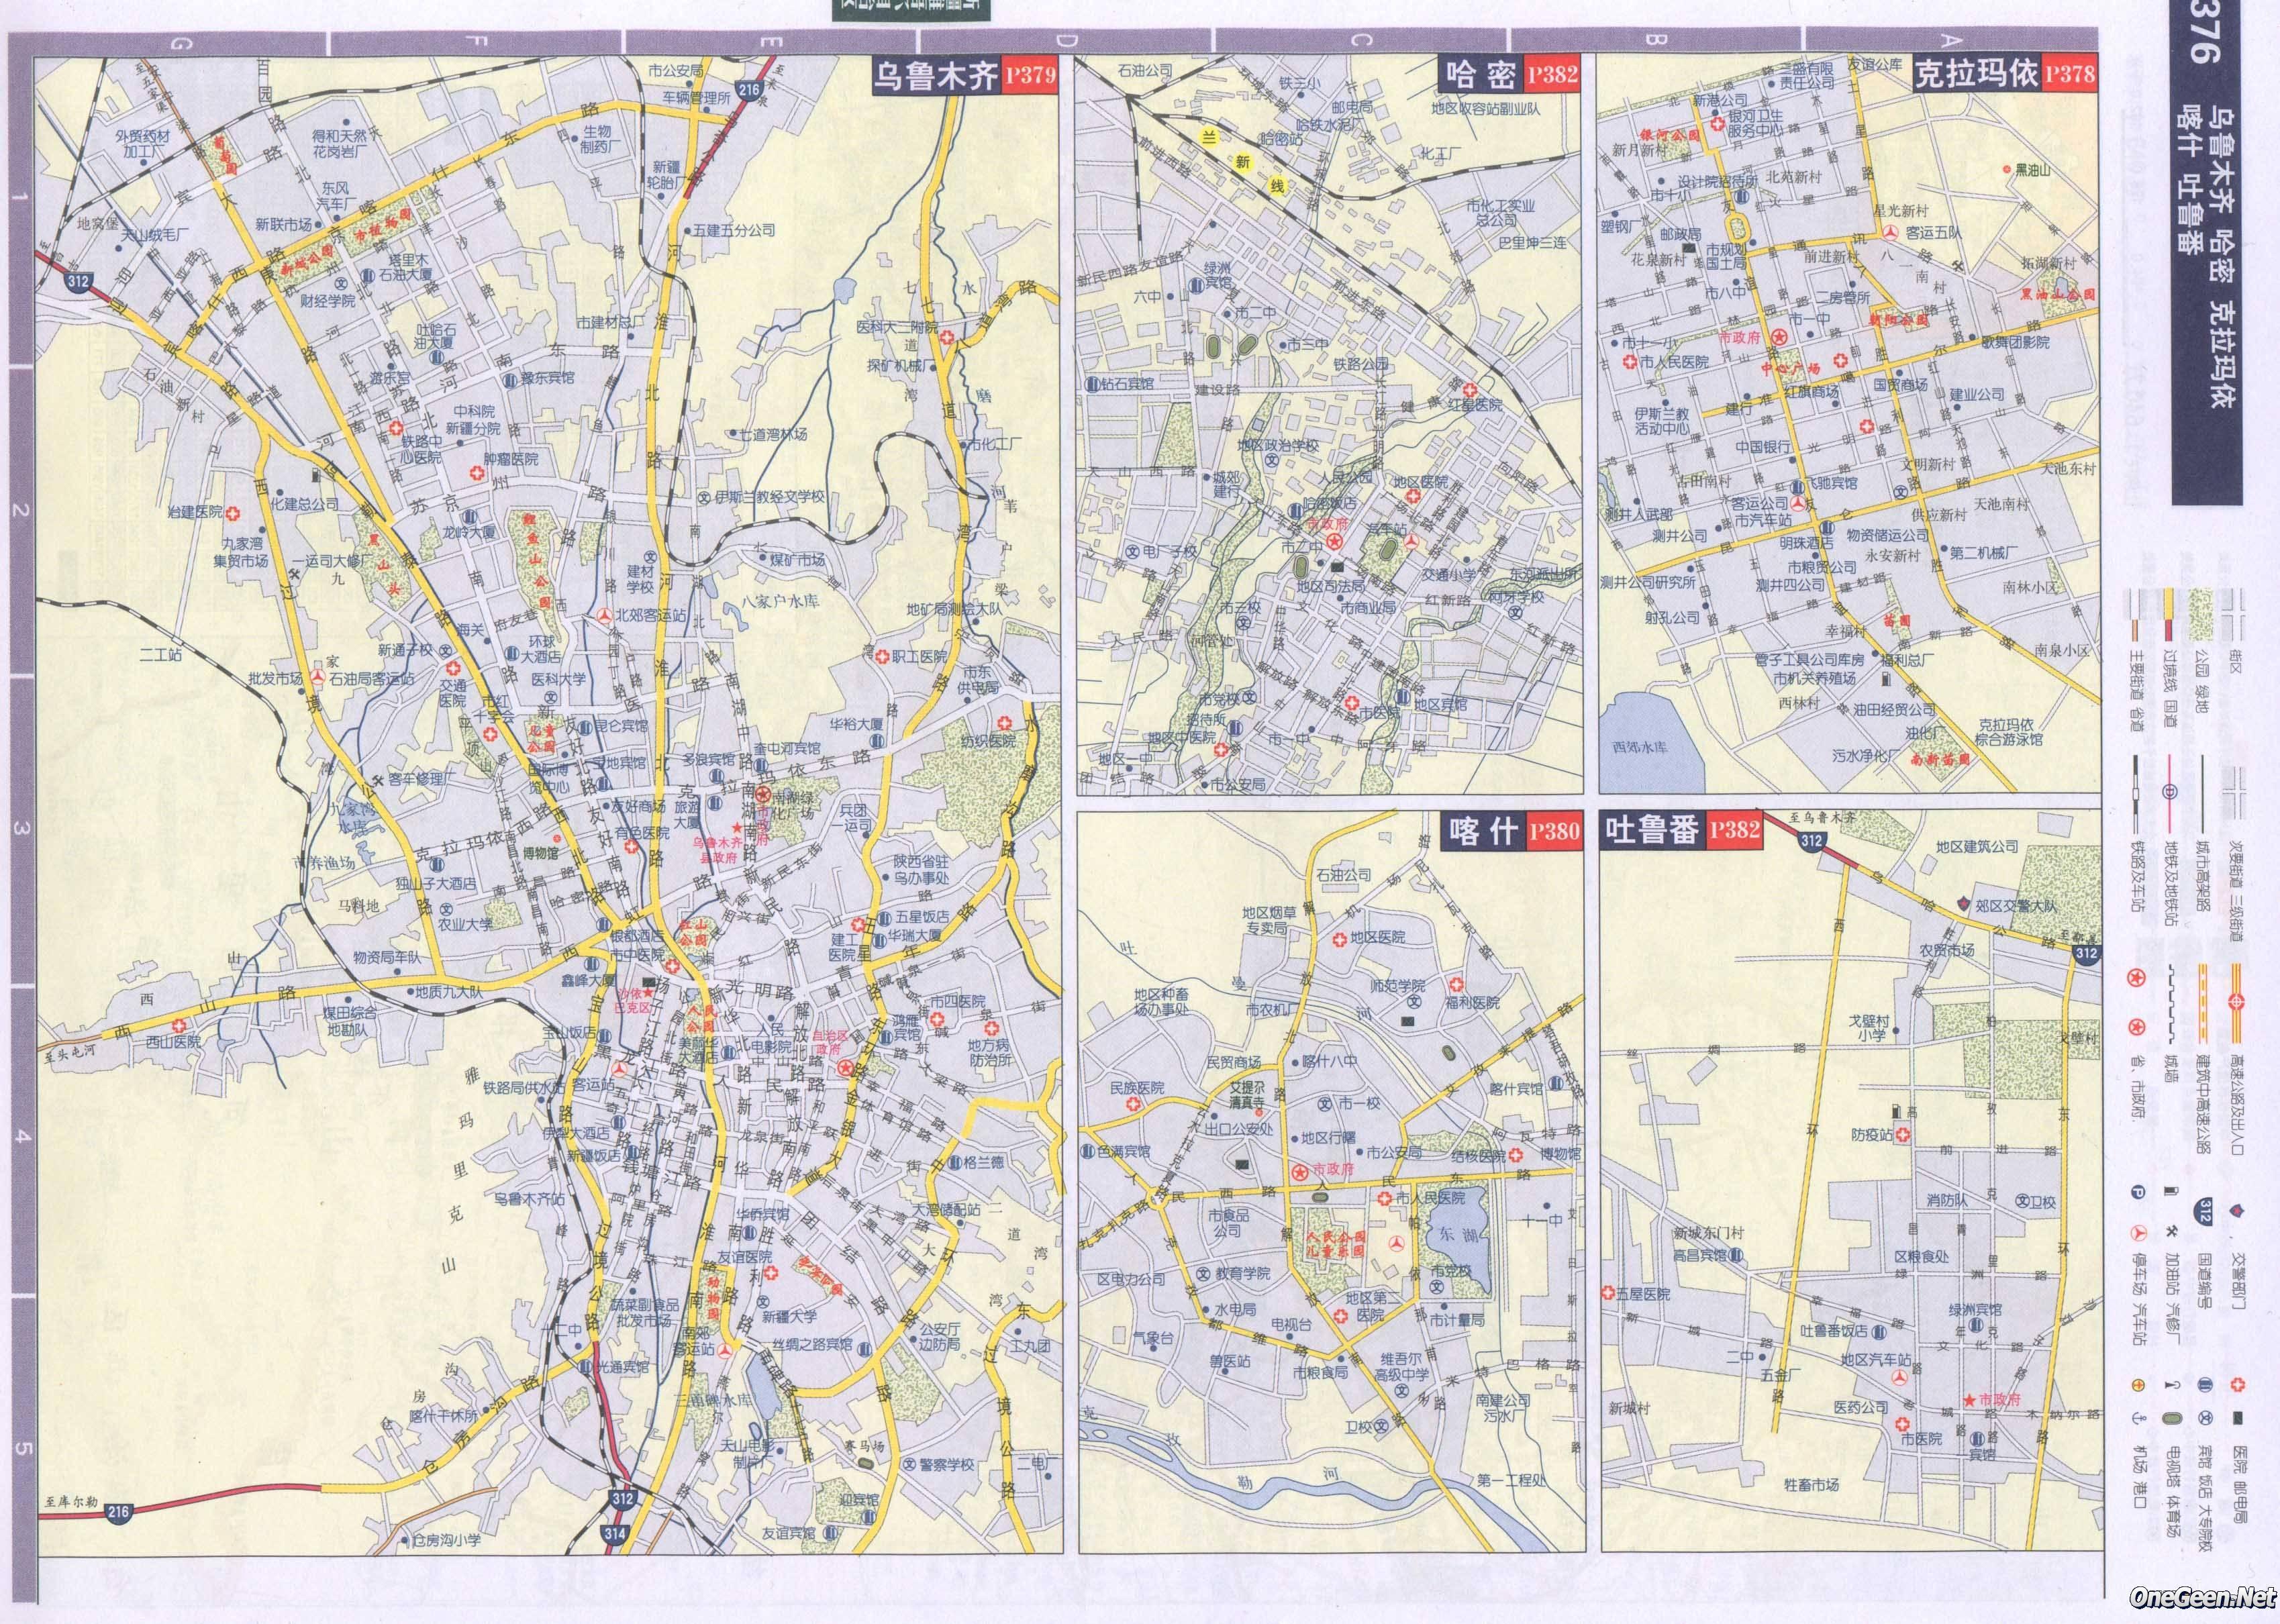 新疆乌鲁木齐哈密吐鲁番公路交通地图